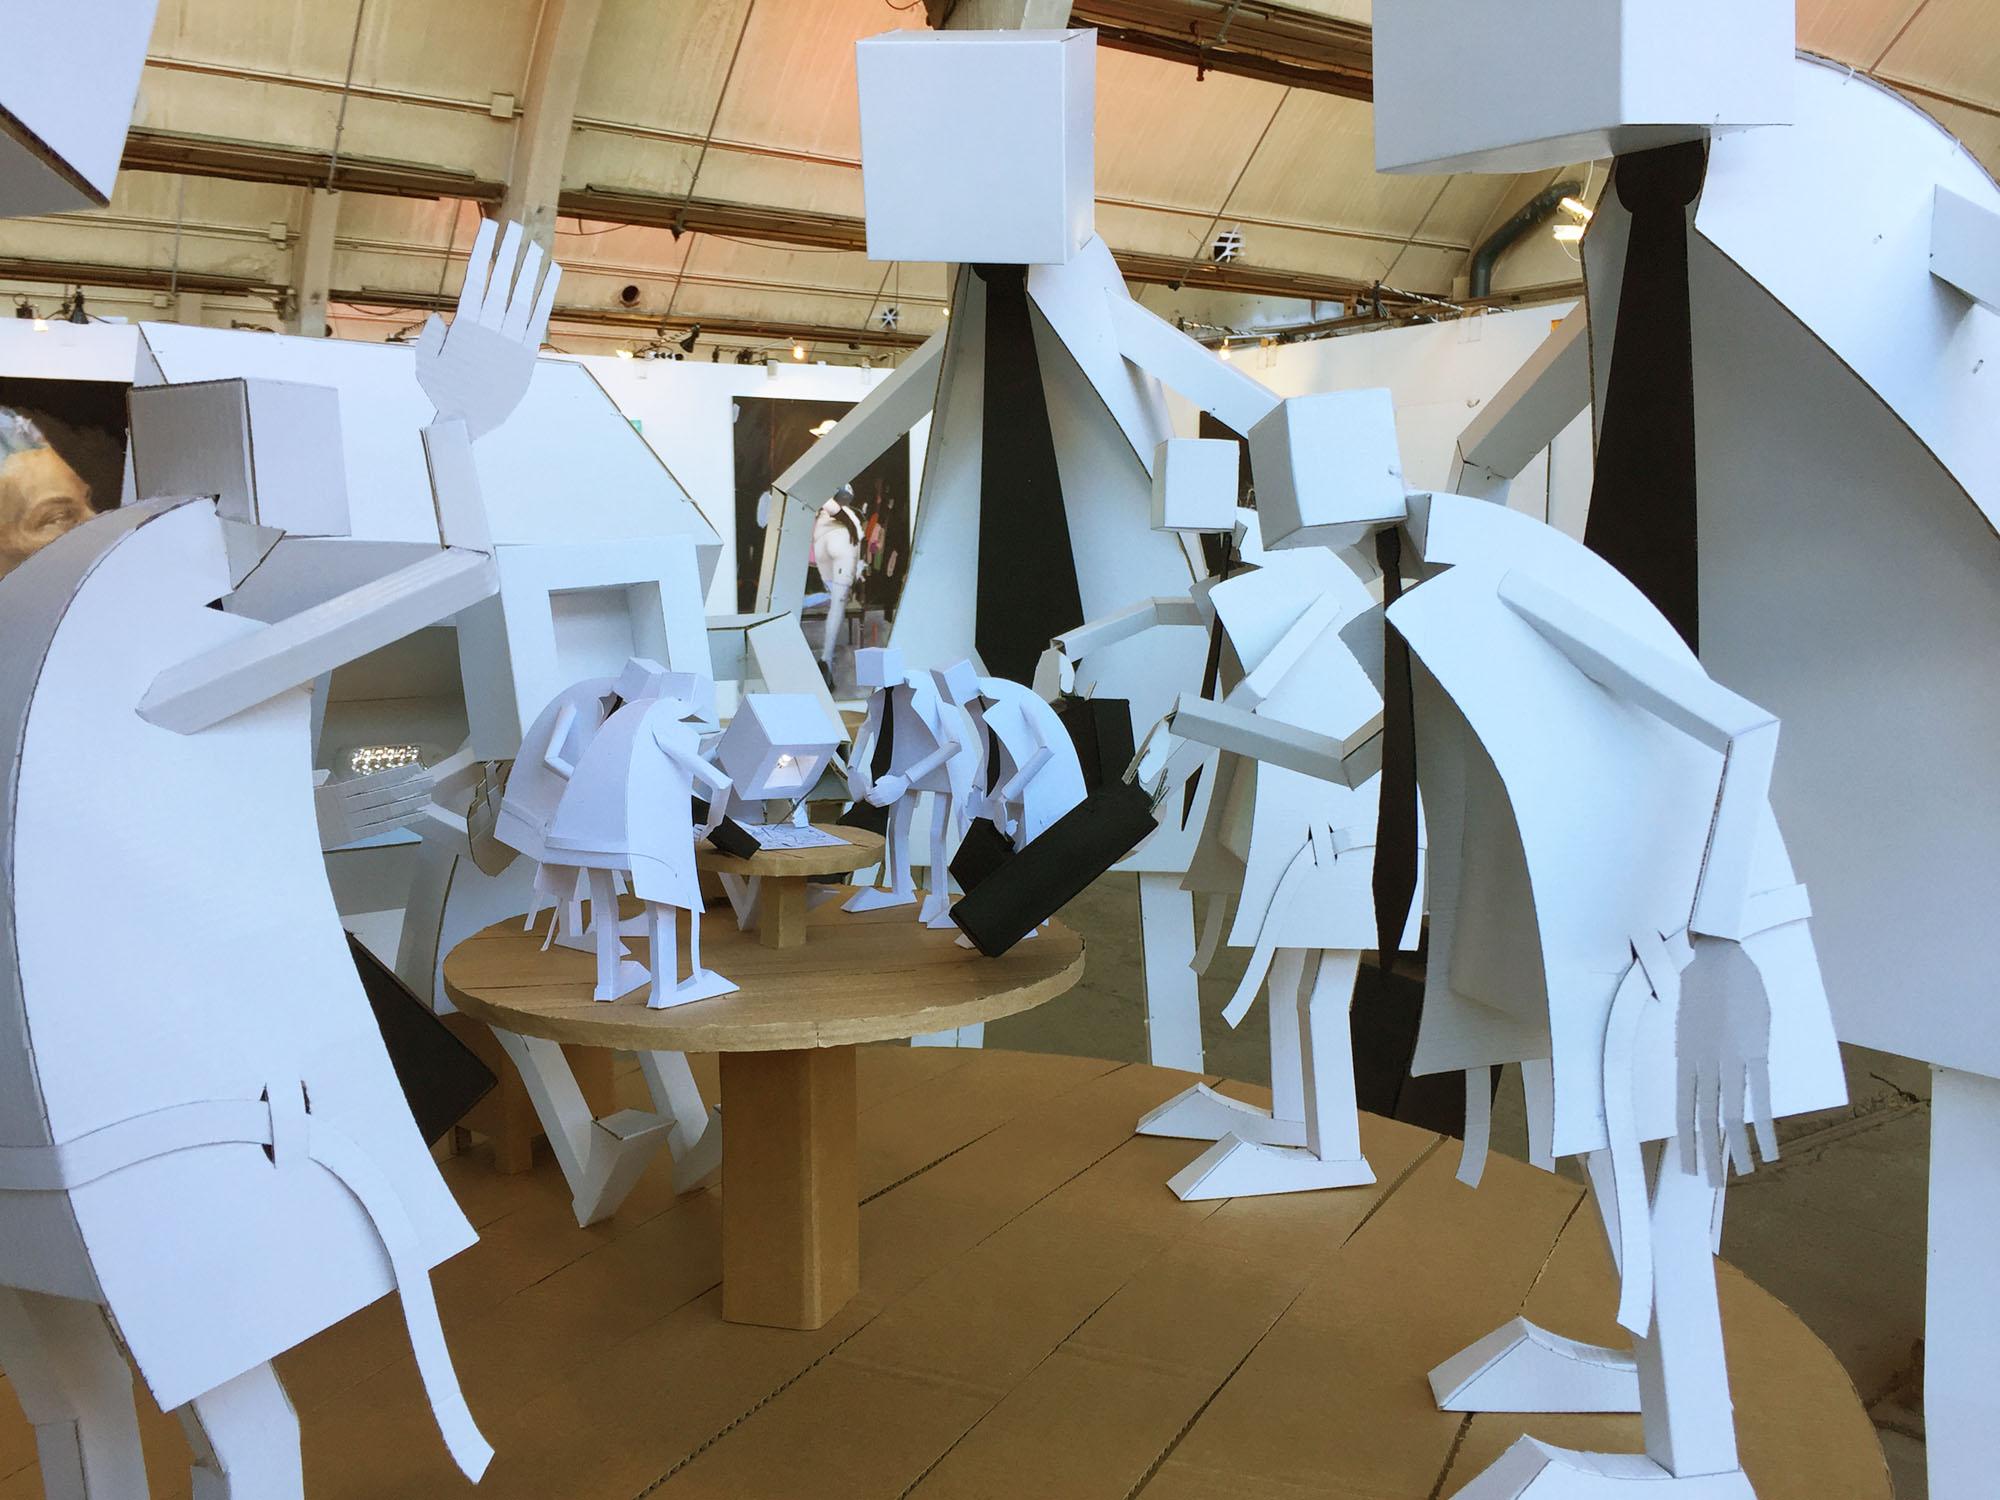 Coverage: Stroke Art Fair 2017 Artes & contextos Str 07